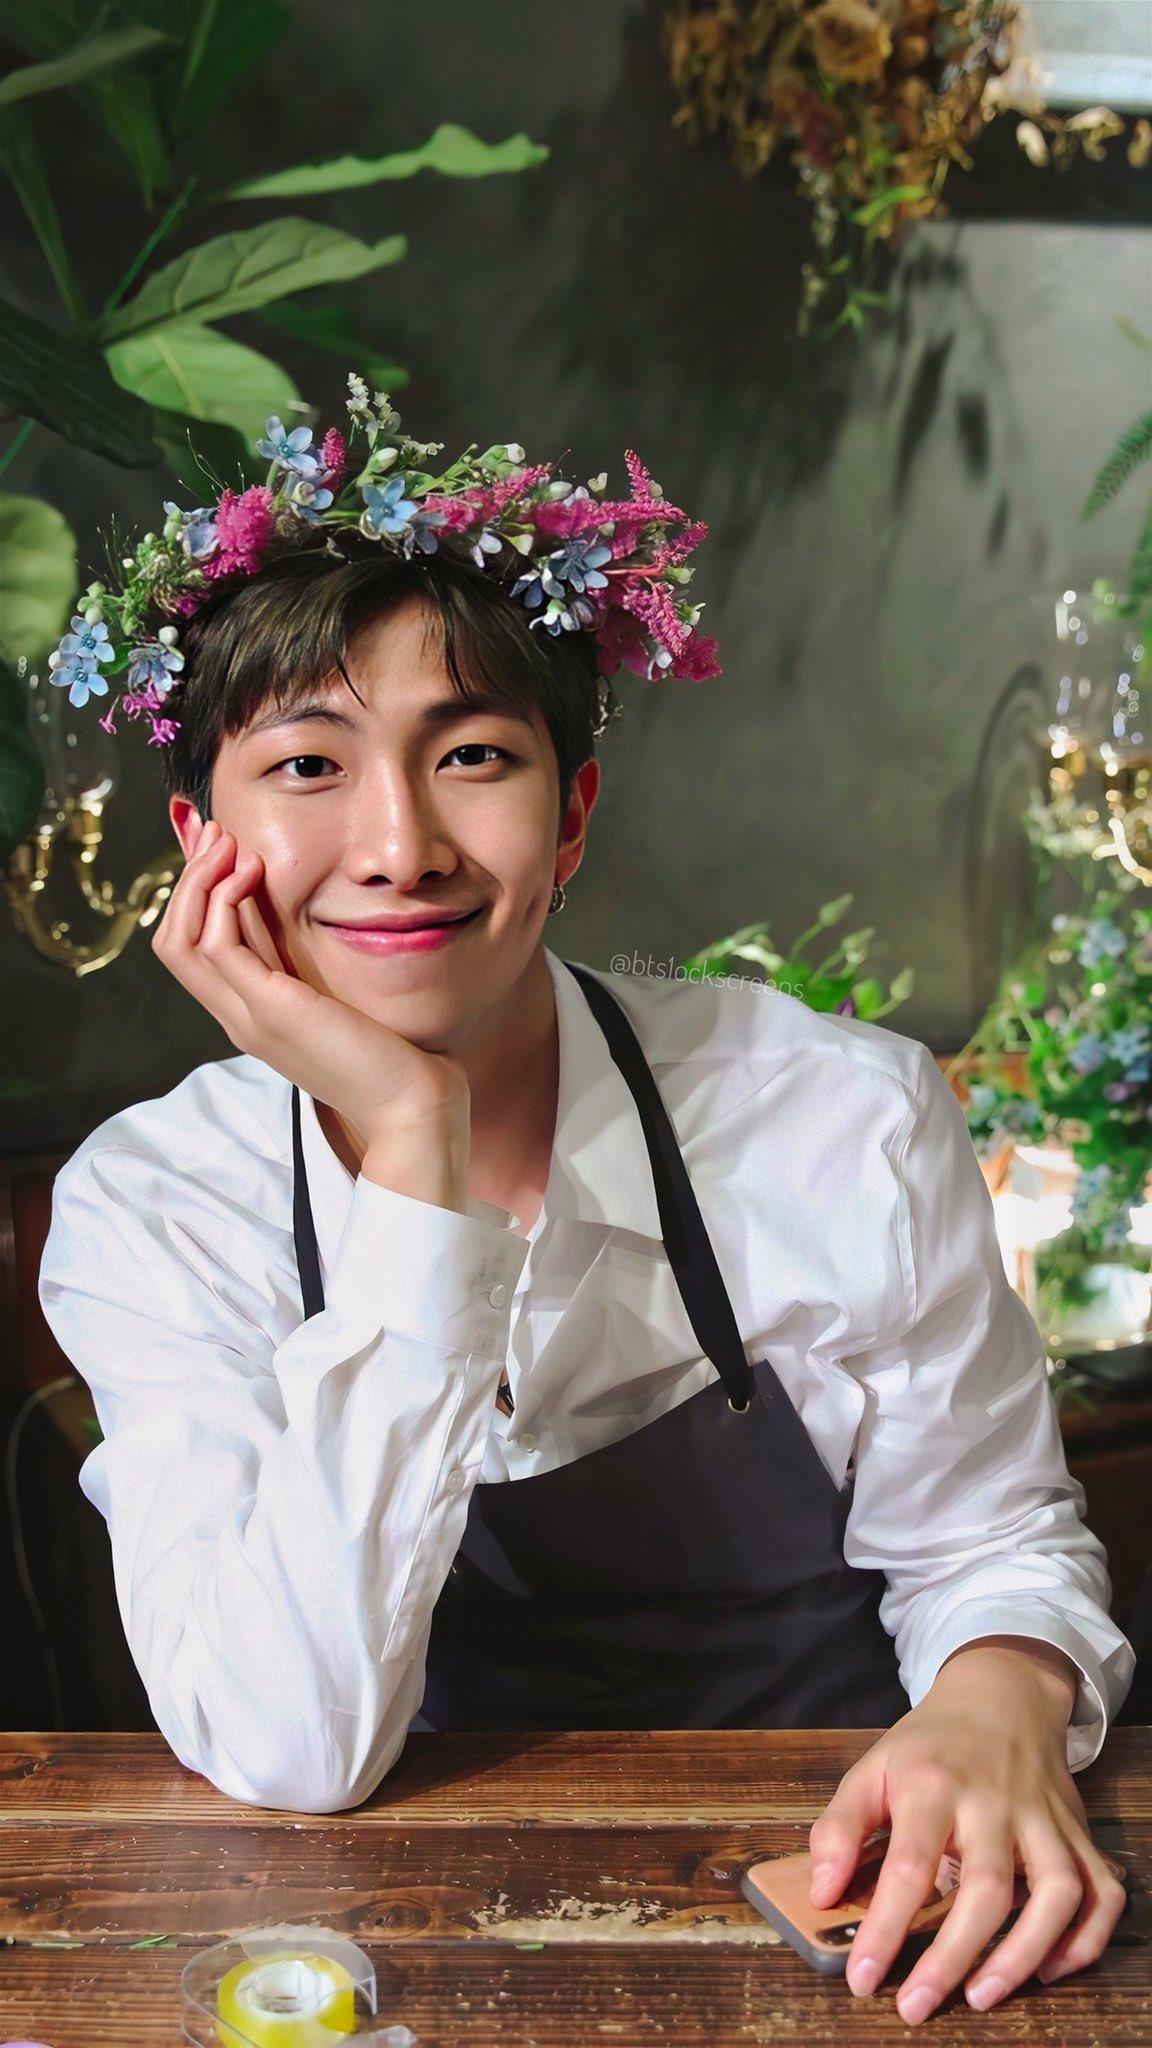 ดอกไม้ประจำวันเกิด BTS - RM